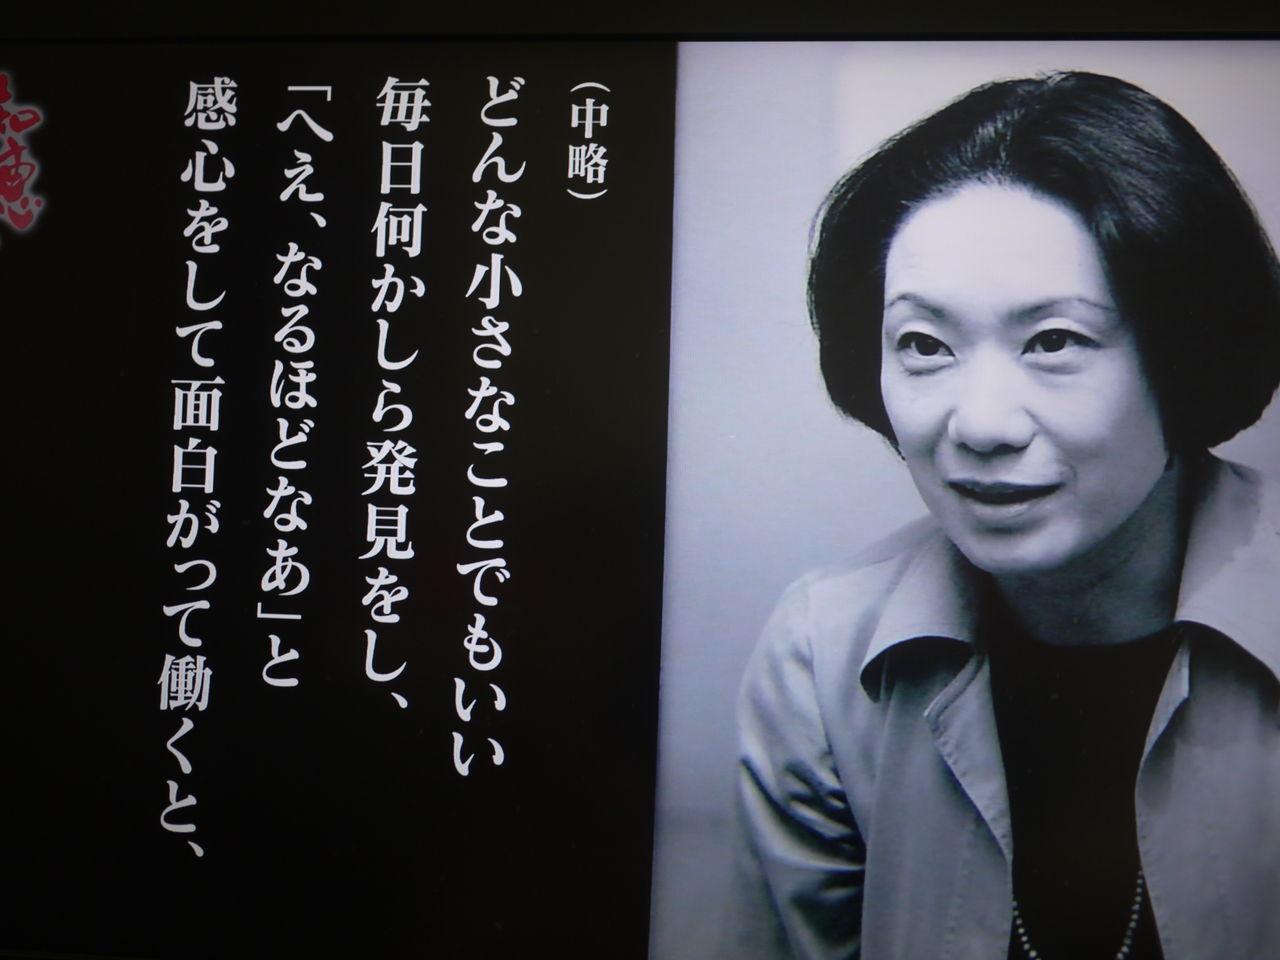 P1030791 真夏のおにぎりと大江健三郎と向田邦子